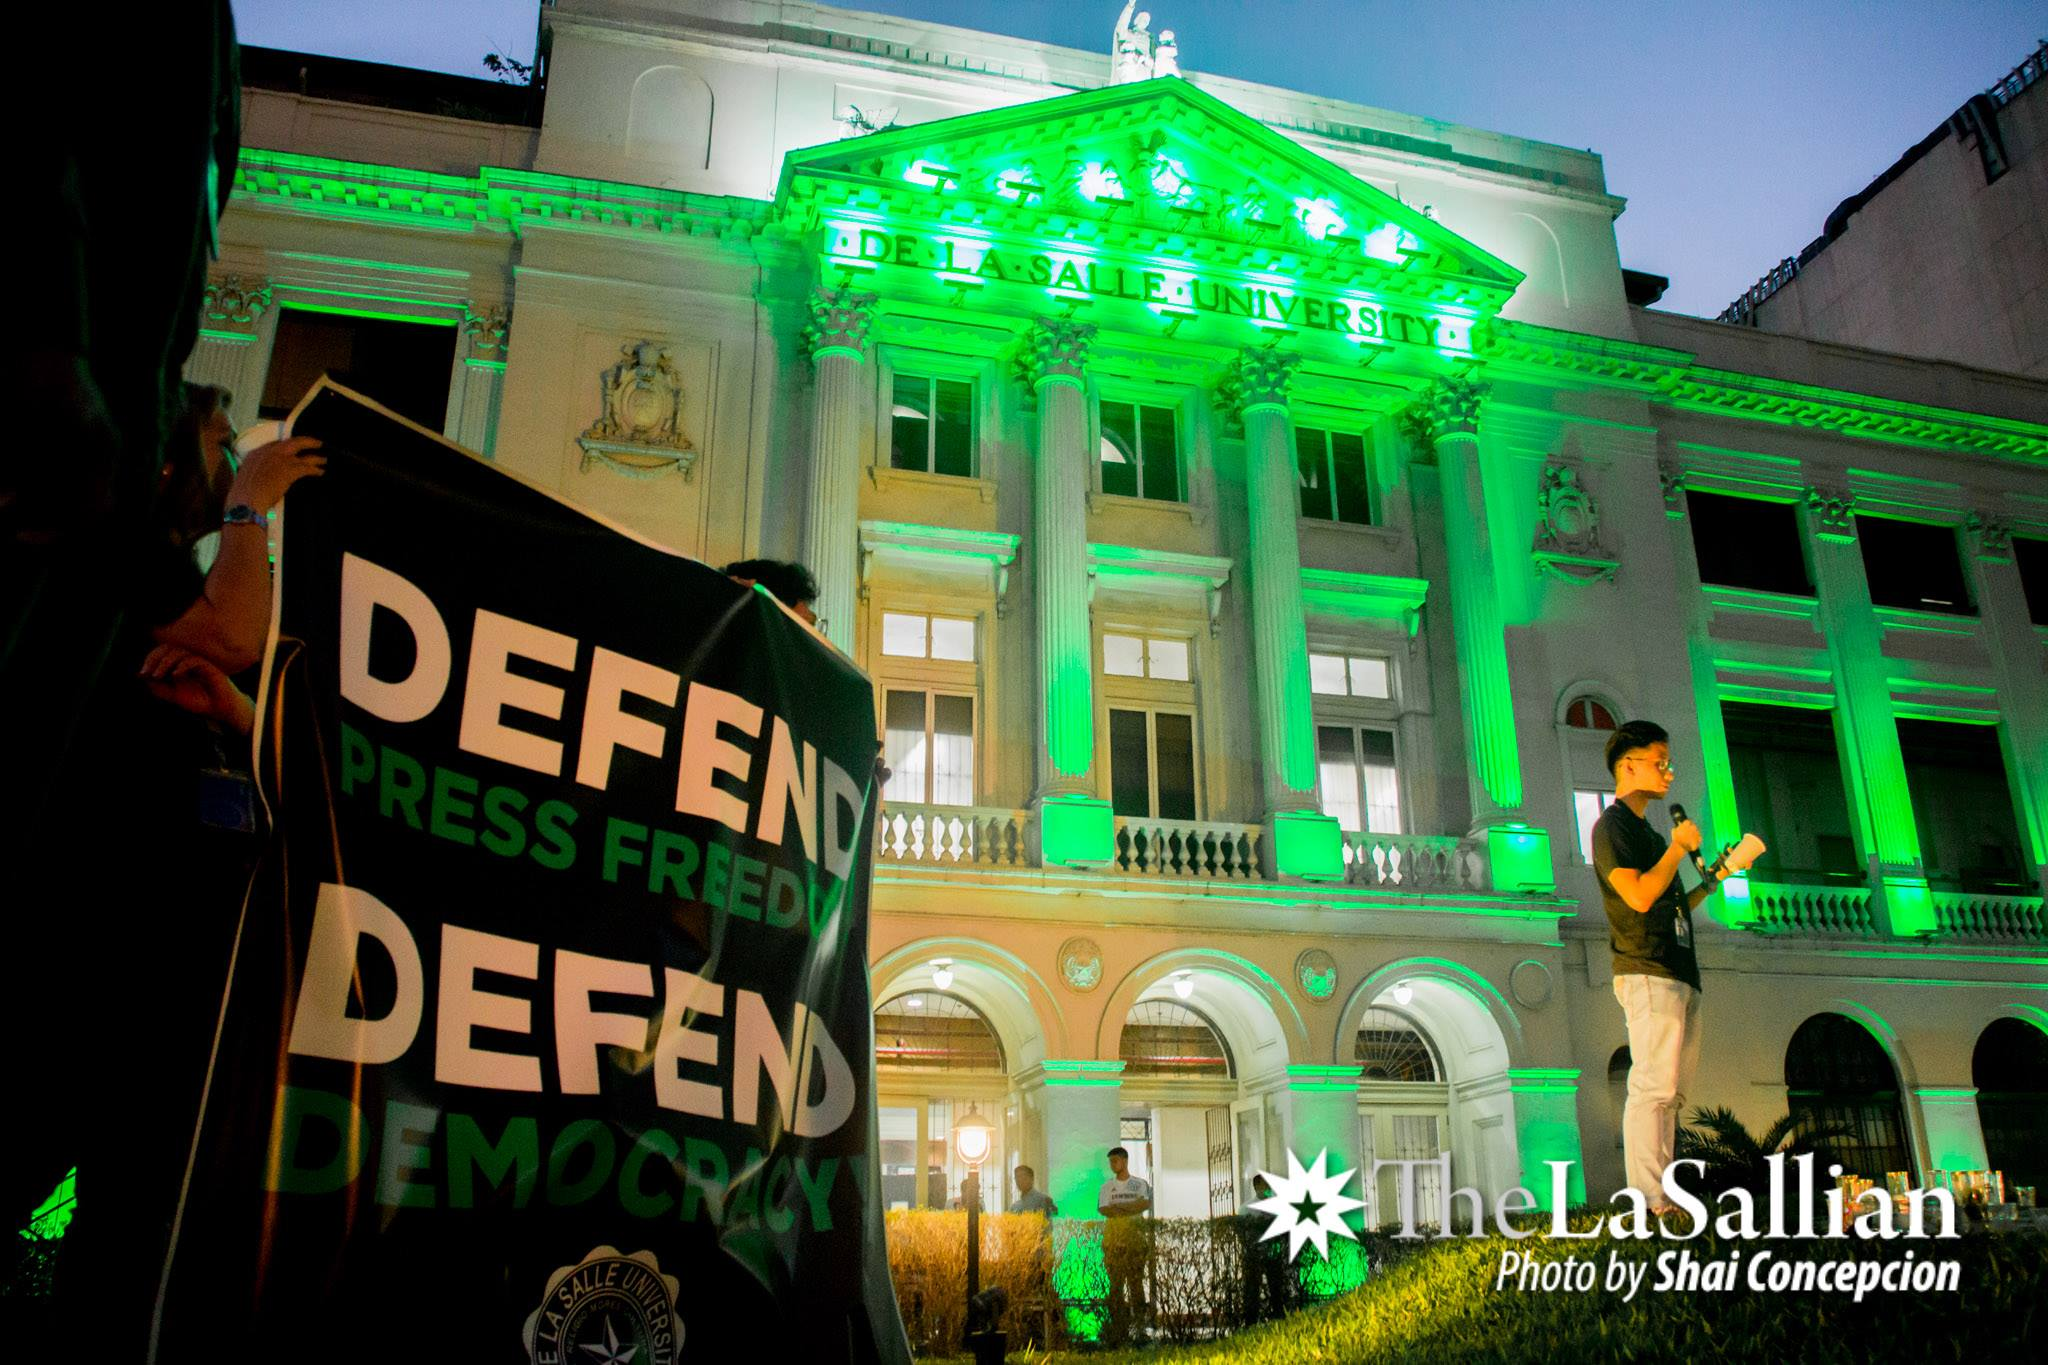 4e5ae-defend.jpg